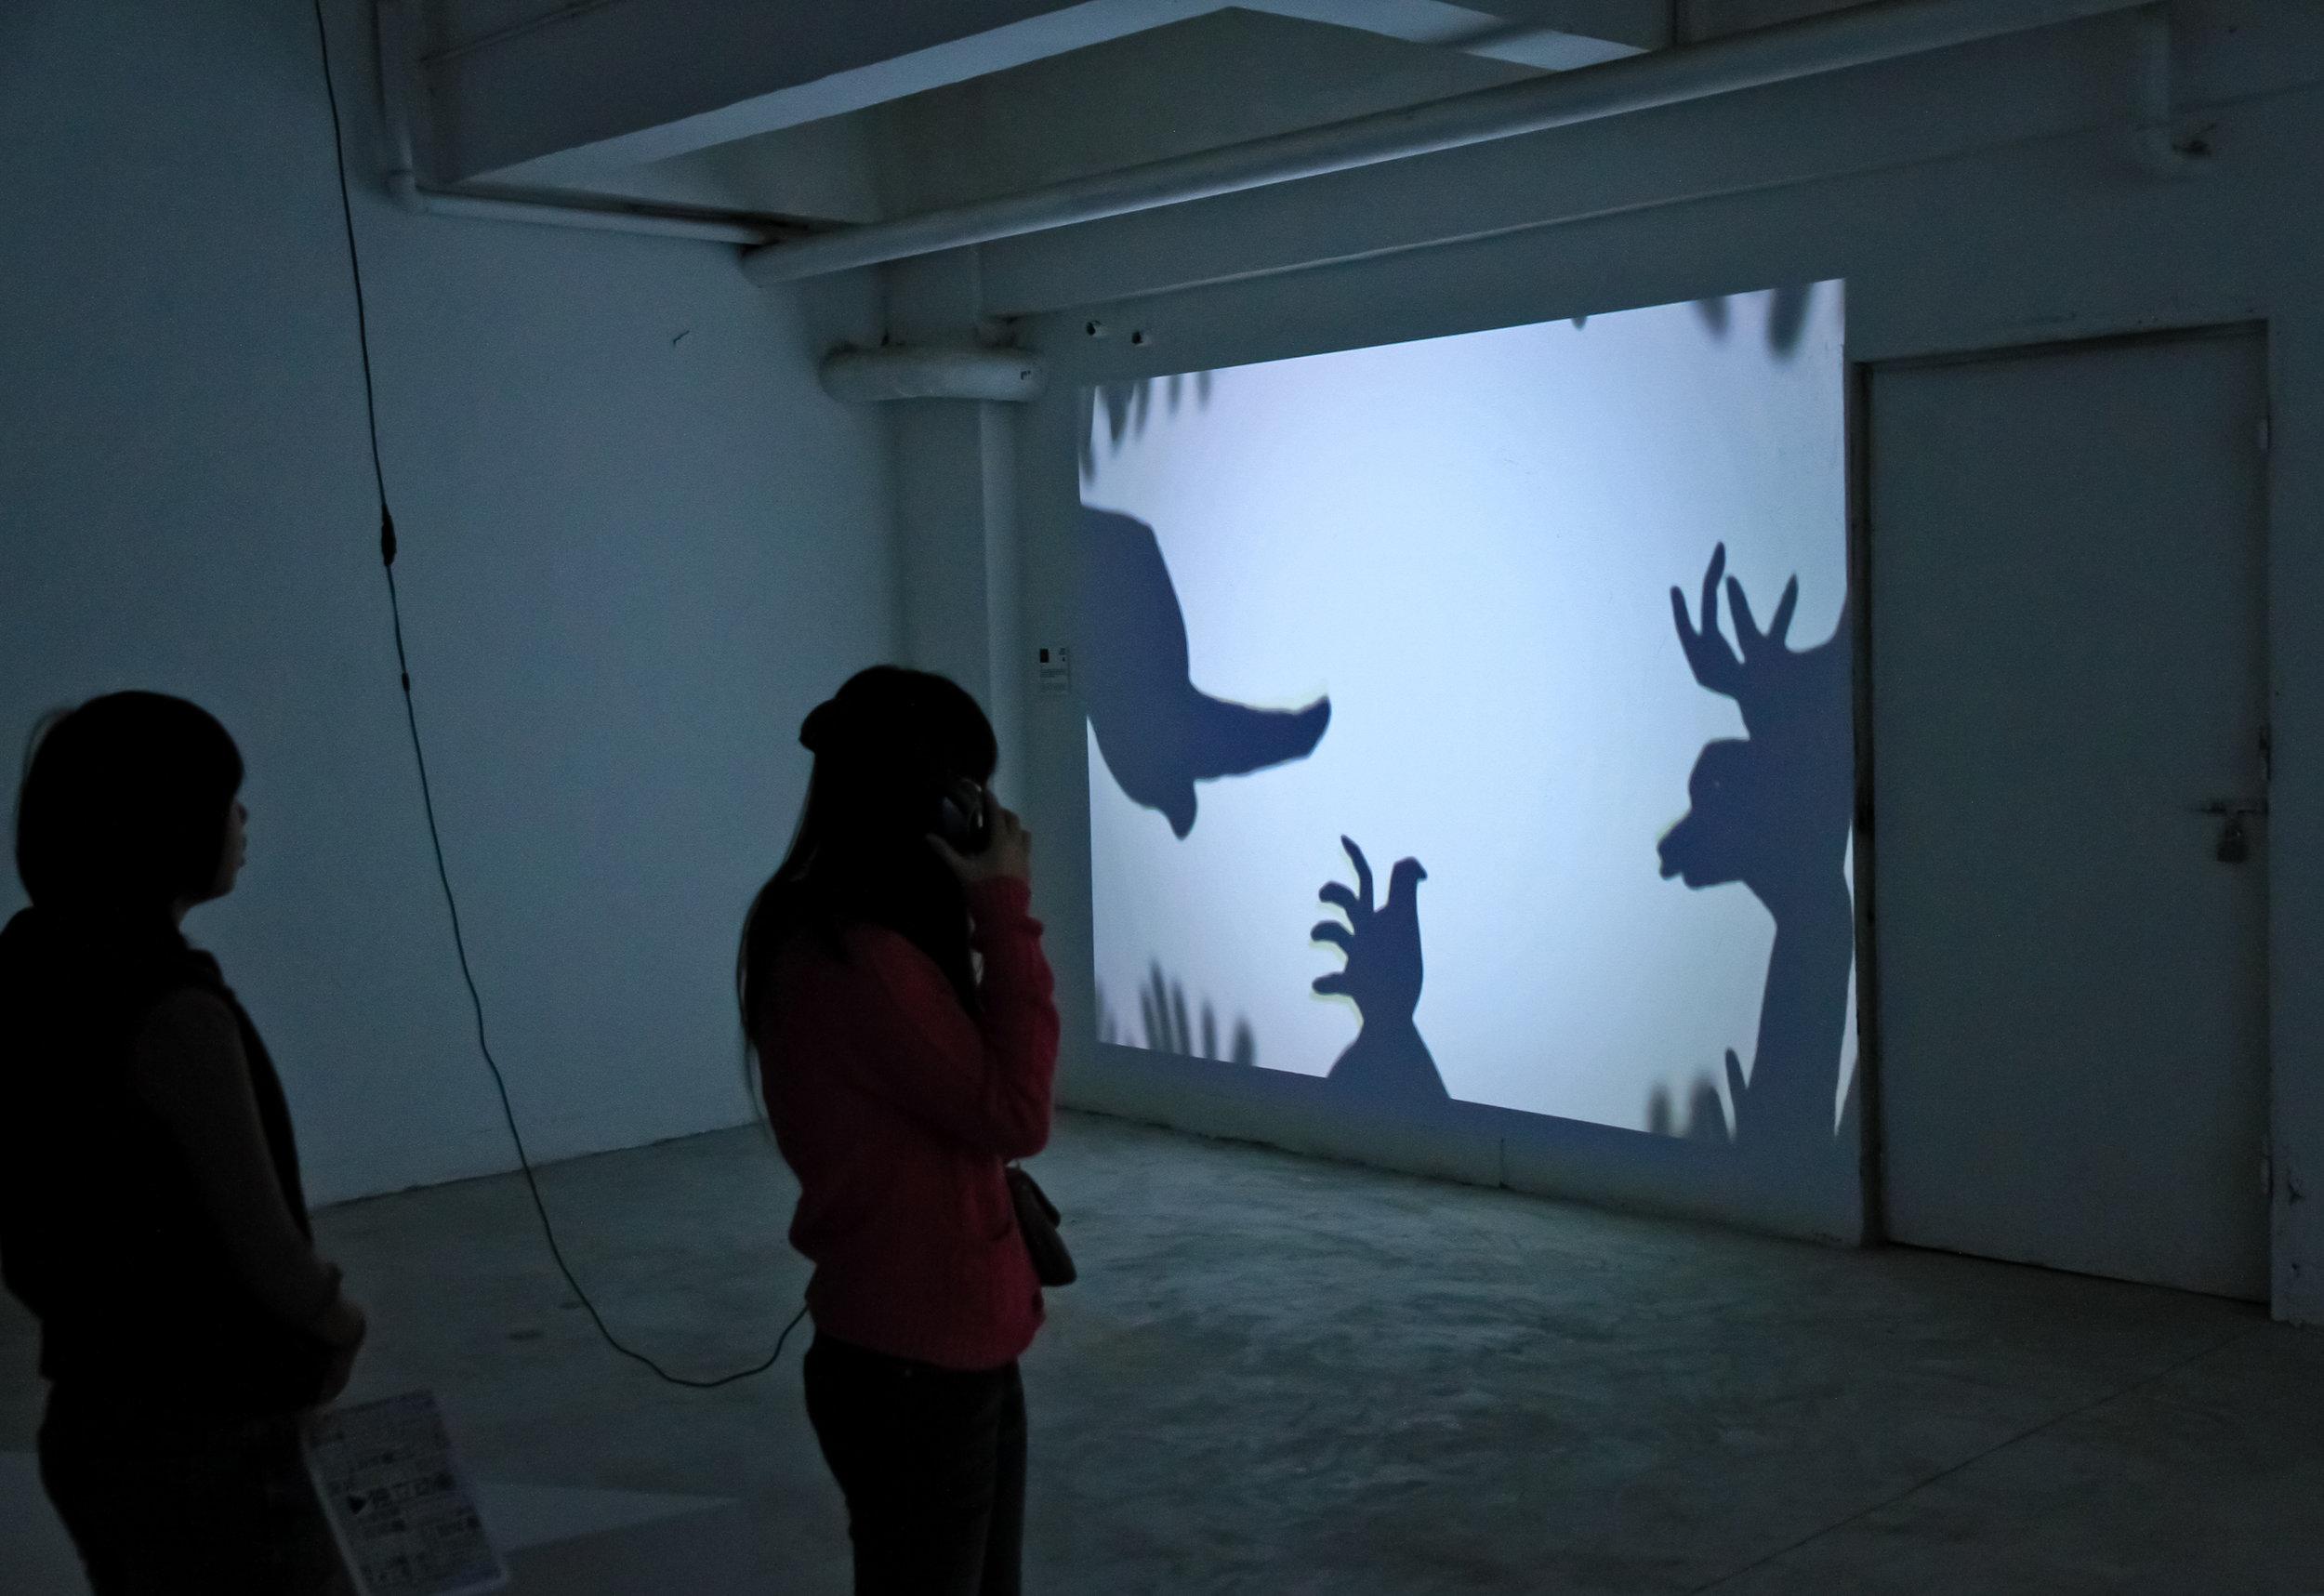 20121222首届深圳独立动画双年展17 欧阳勇 摄影.jpg